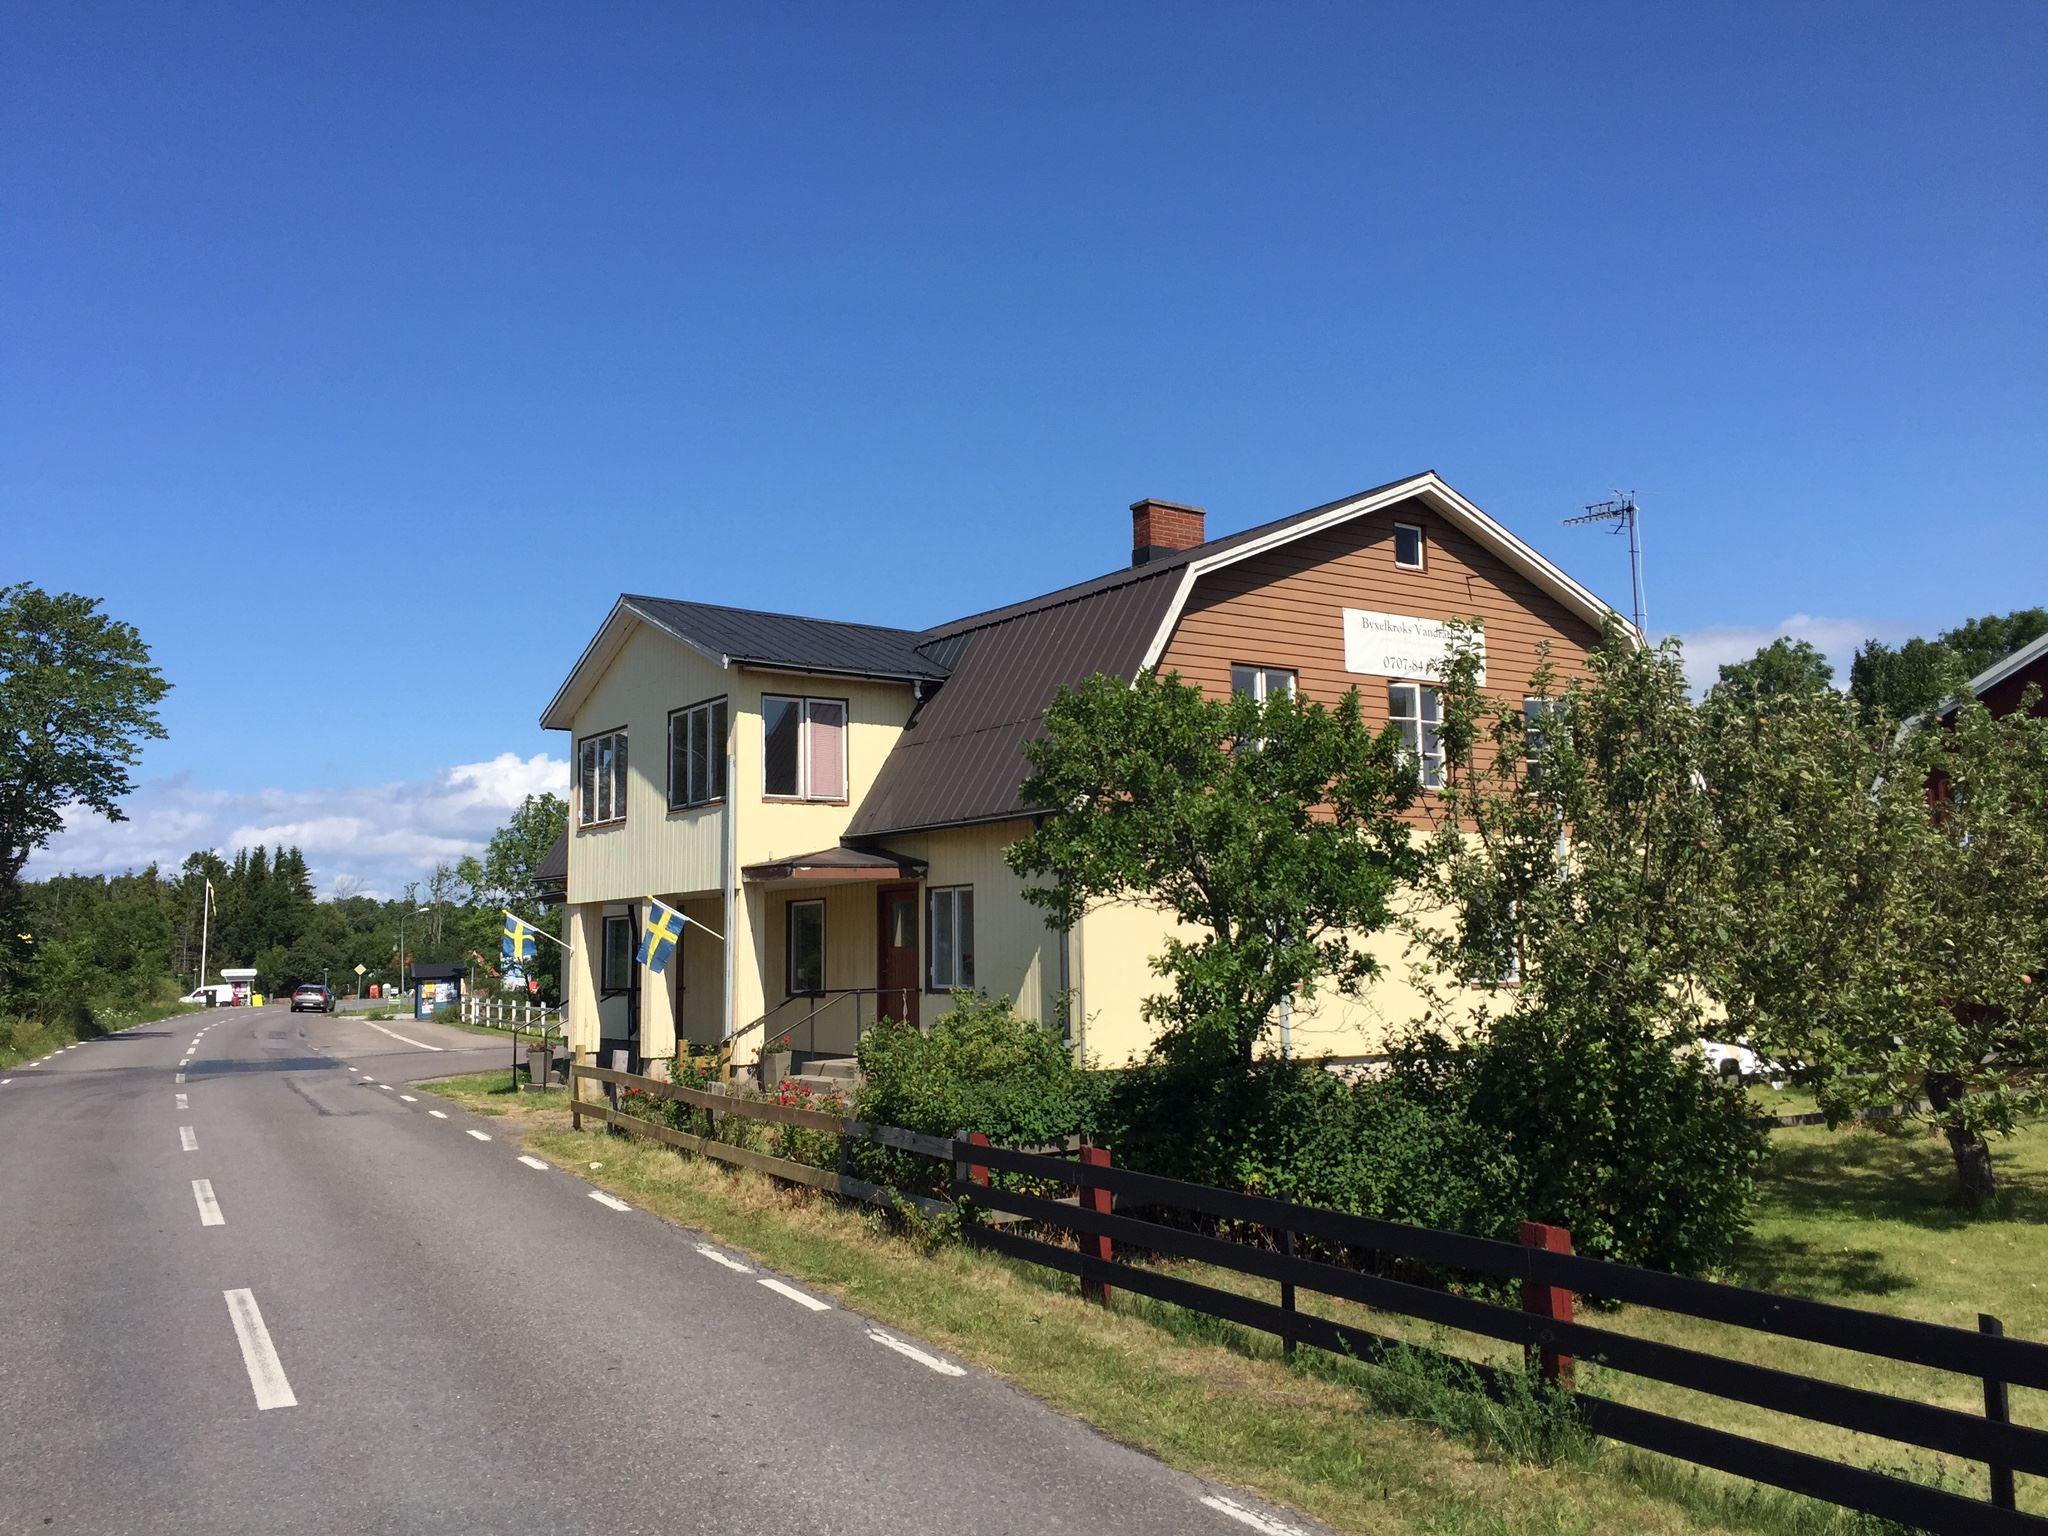 Villa Kroken i Byxelkrok